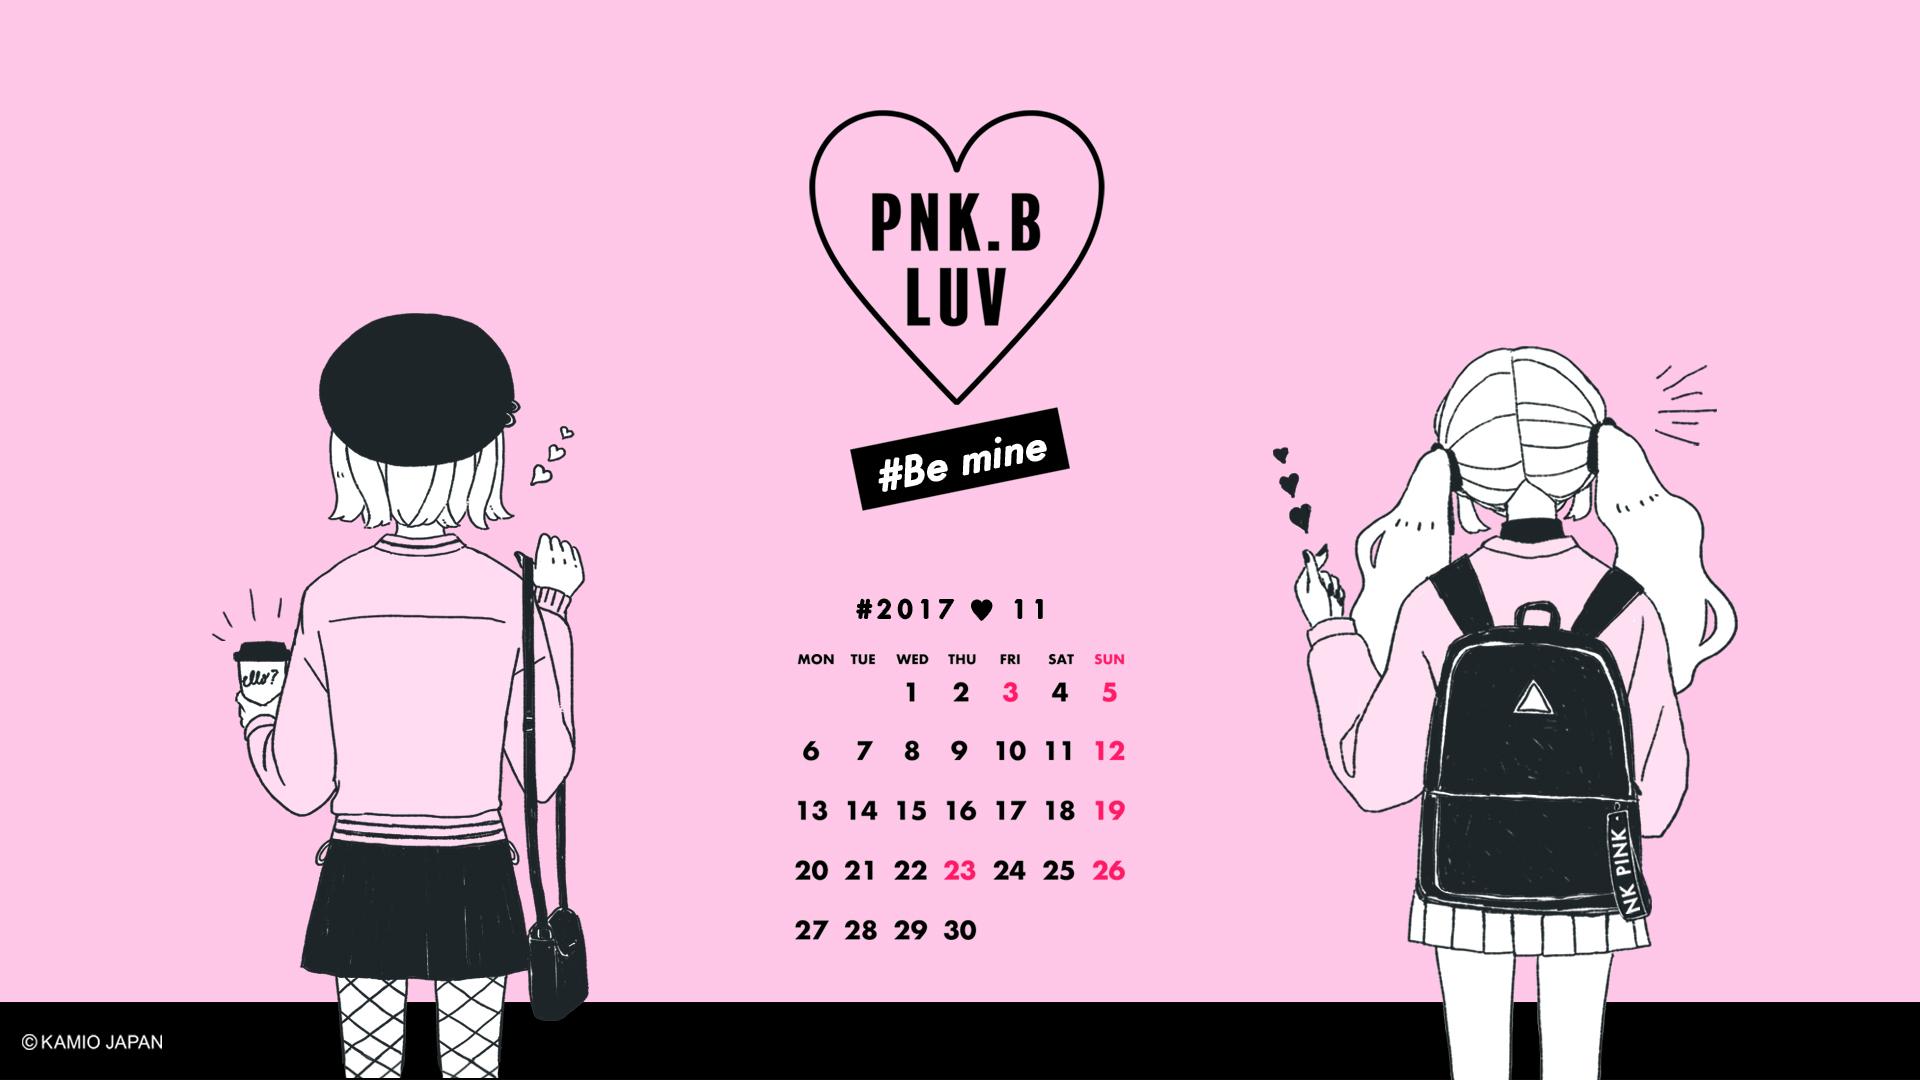 11月カレンダー壁紙プレゼント   ニュース 株式会社カミオジャパン